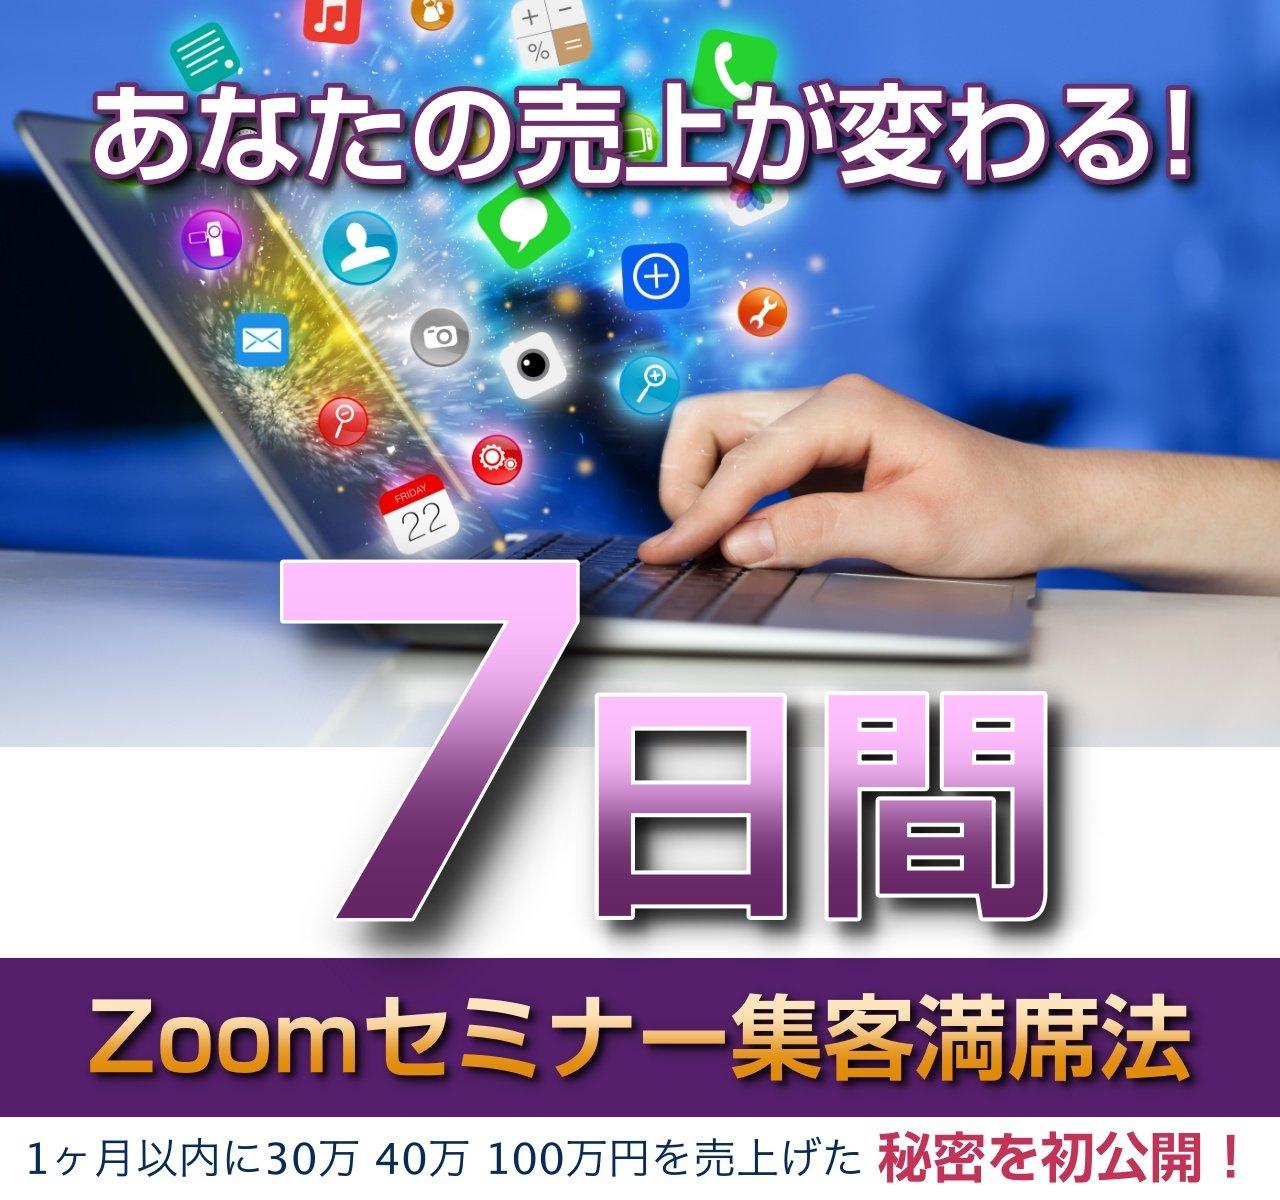 オンラインビジネス起業 オンラインビジネスのZoomセミナー ランディングページ画像 サムネイル3